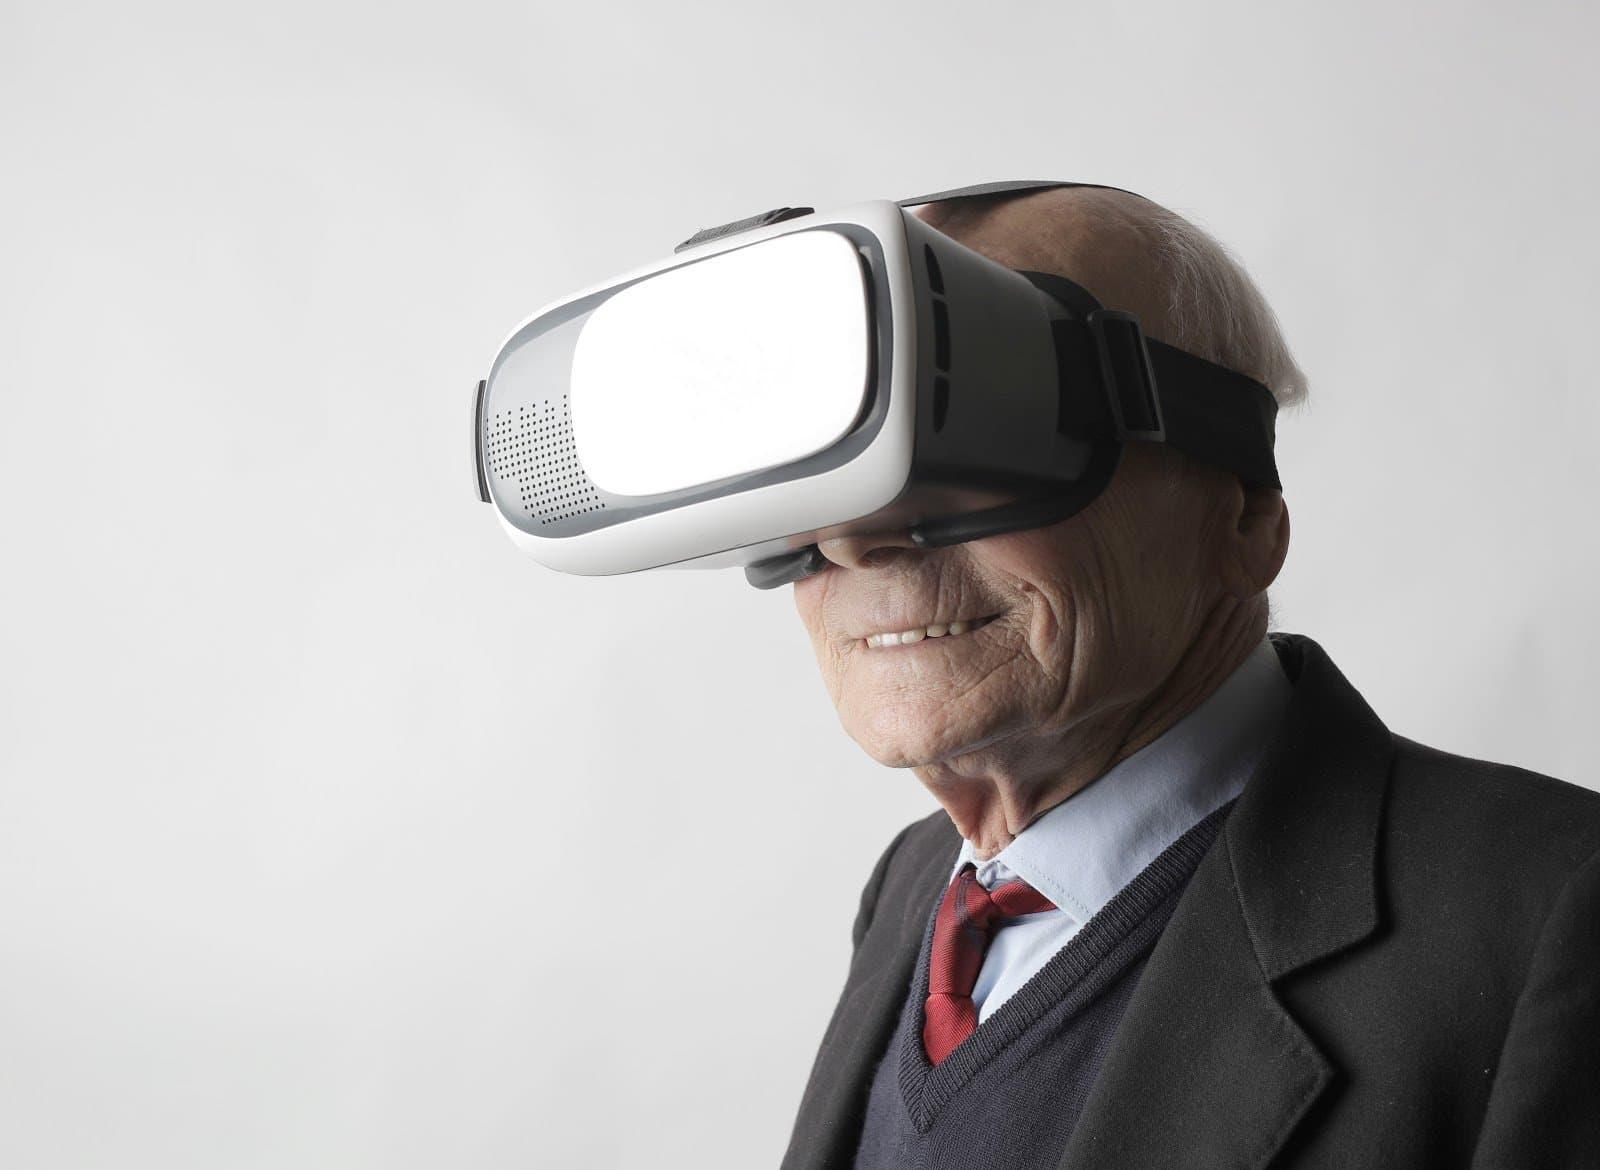 Les casques de r alit virtuelle en EHPAD 3